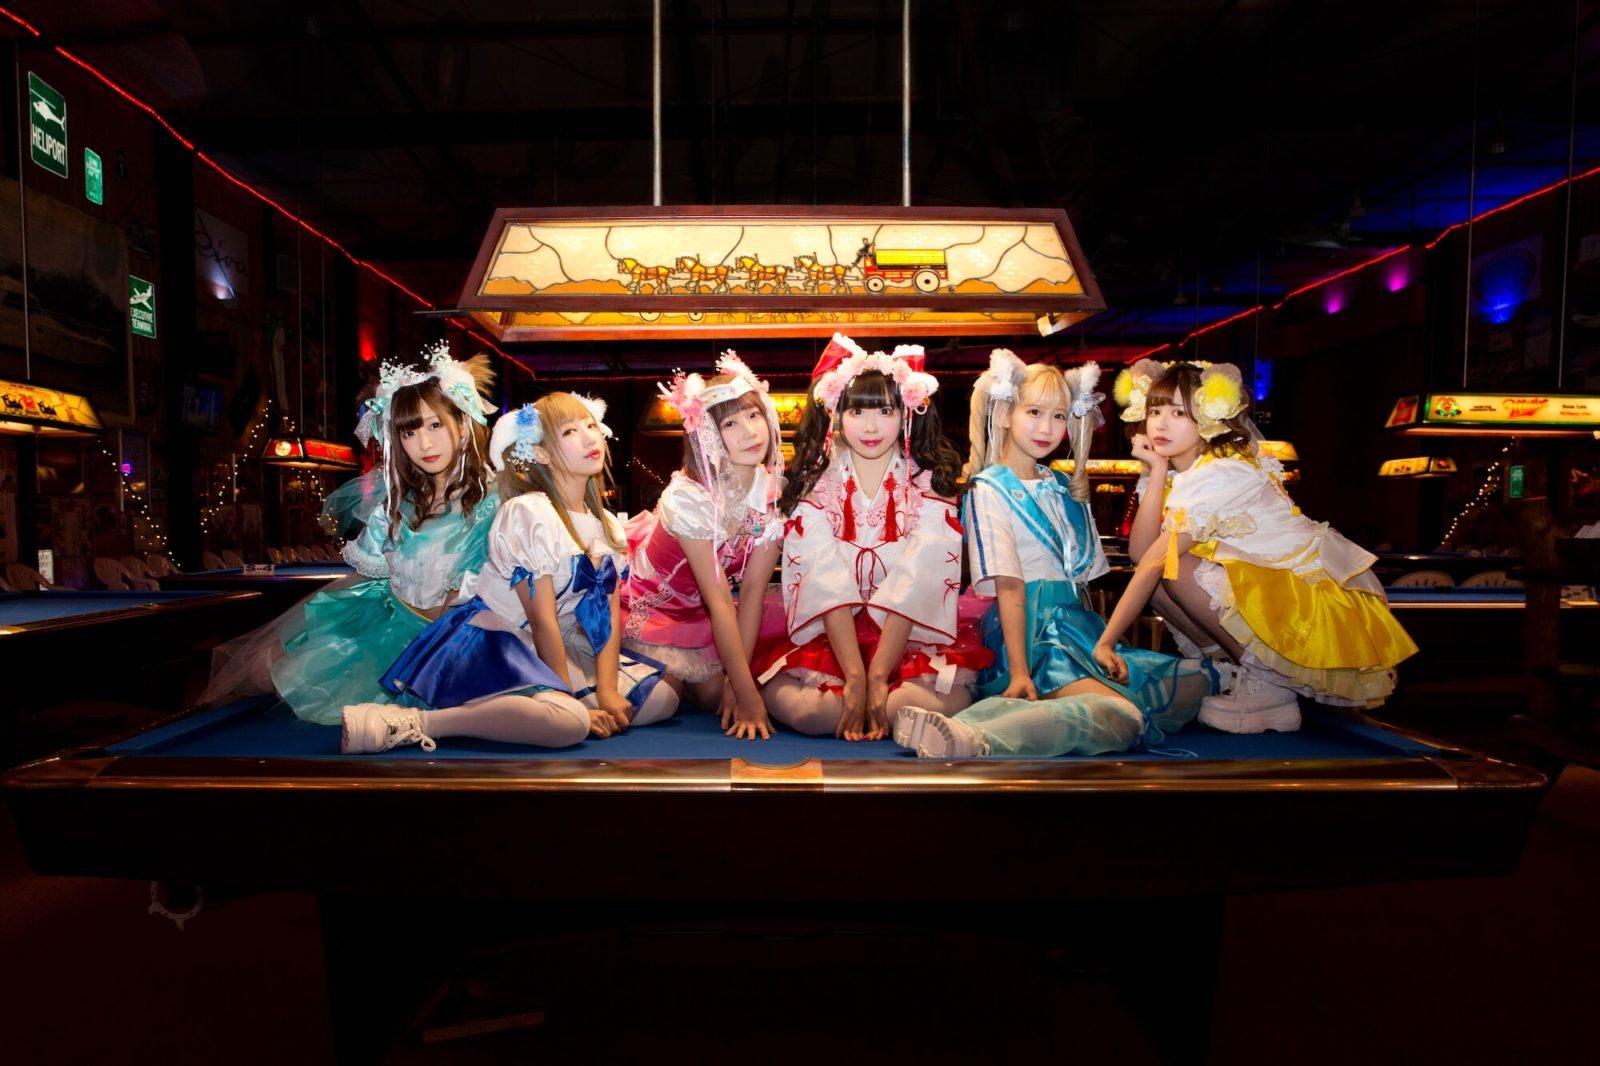 名前の通り仲良し!バンドじゃないもん!MAXX NAKAYOSHI、自主レーベル第1弾『ゴッドソング』リリース間近サムネイル画像!